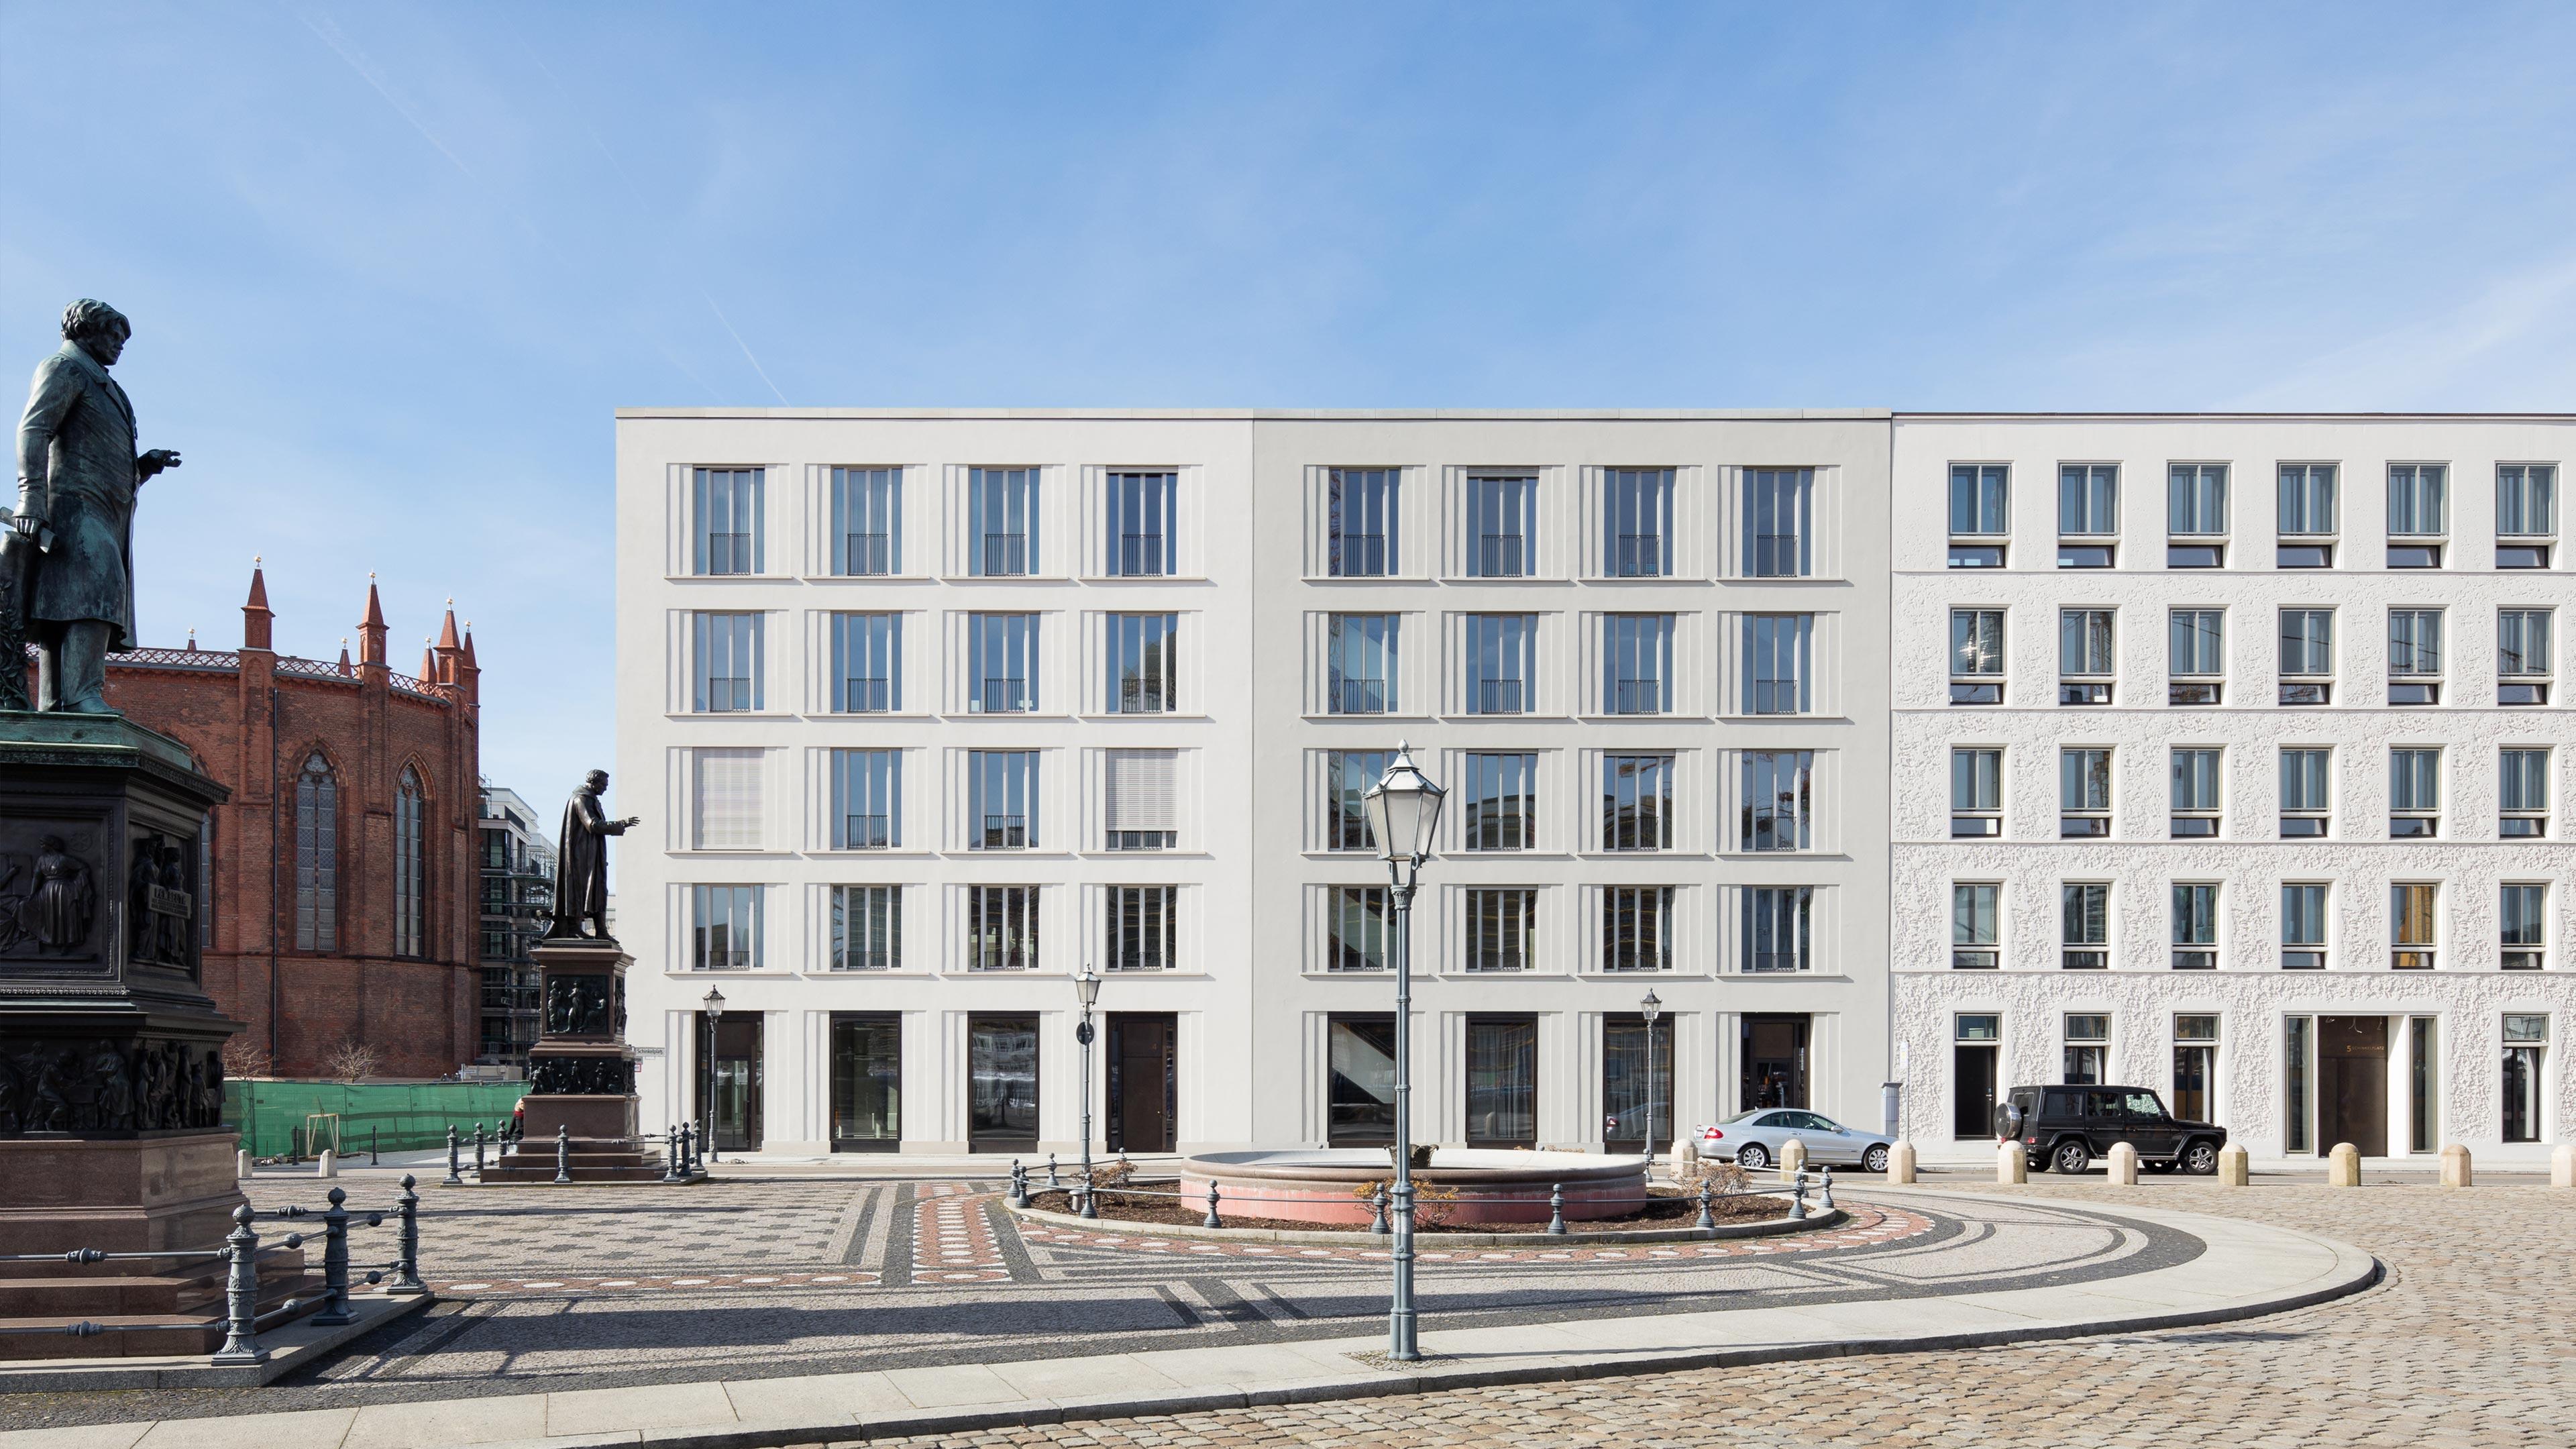 fsb carr am schinkelplatz berlin. Black Bedroom Furniture Sets. Home Design Ideas